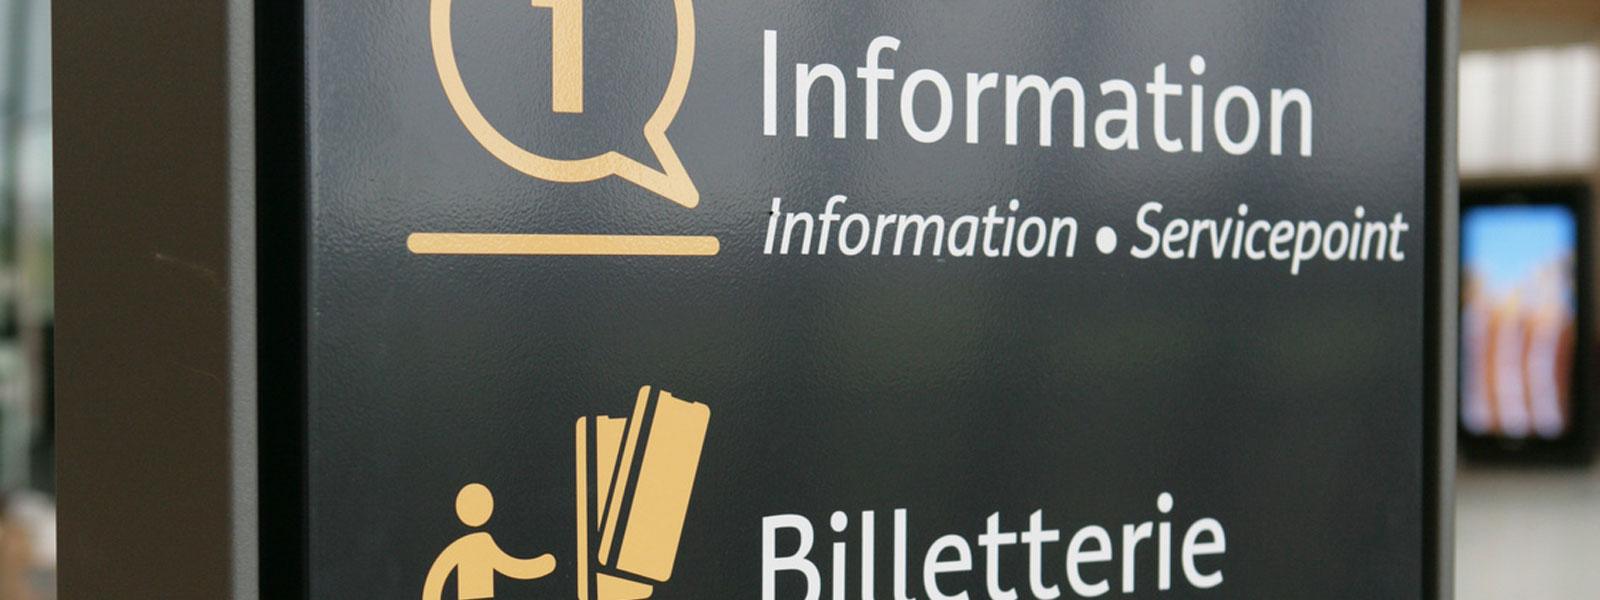 plaque d'information publicitaire